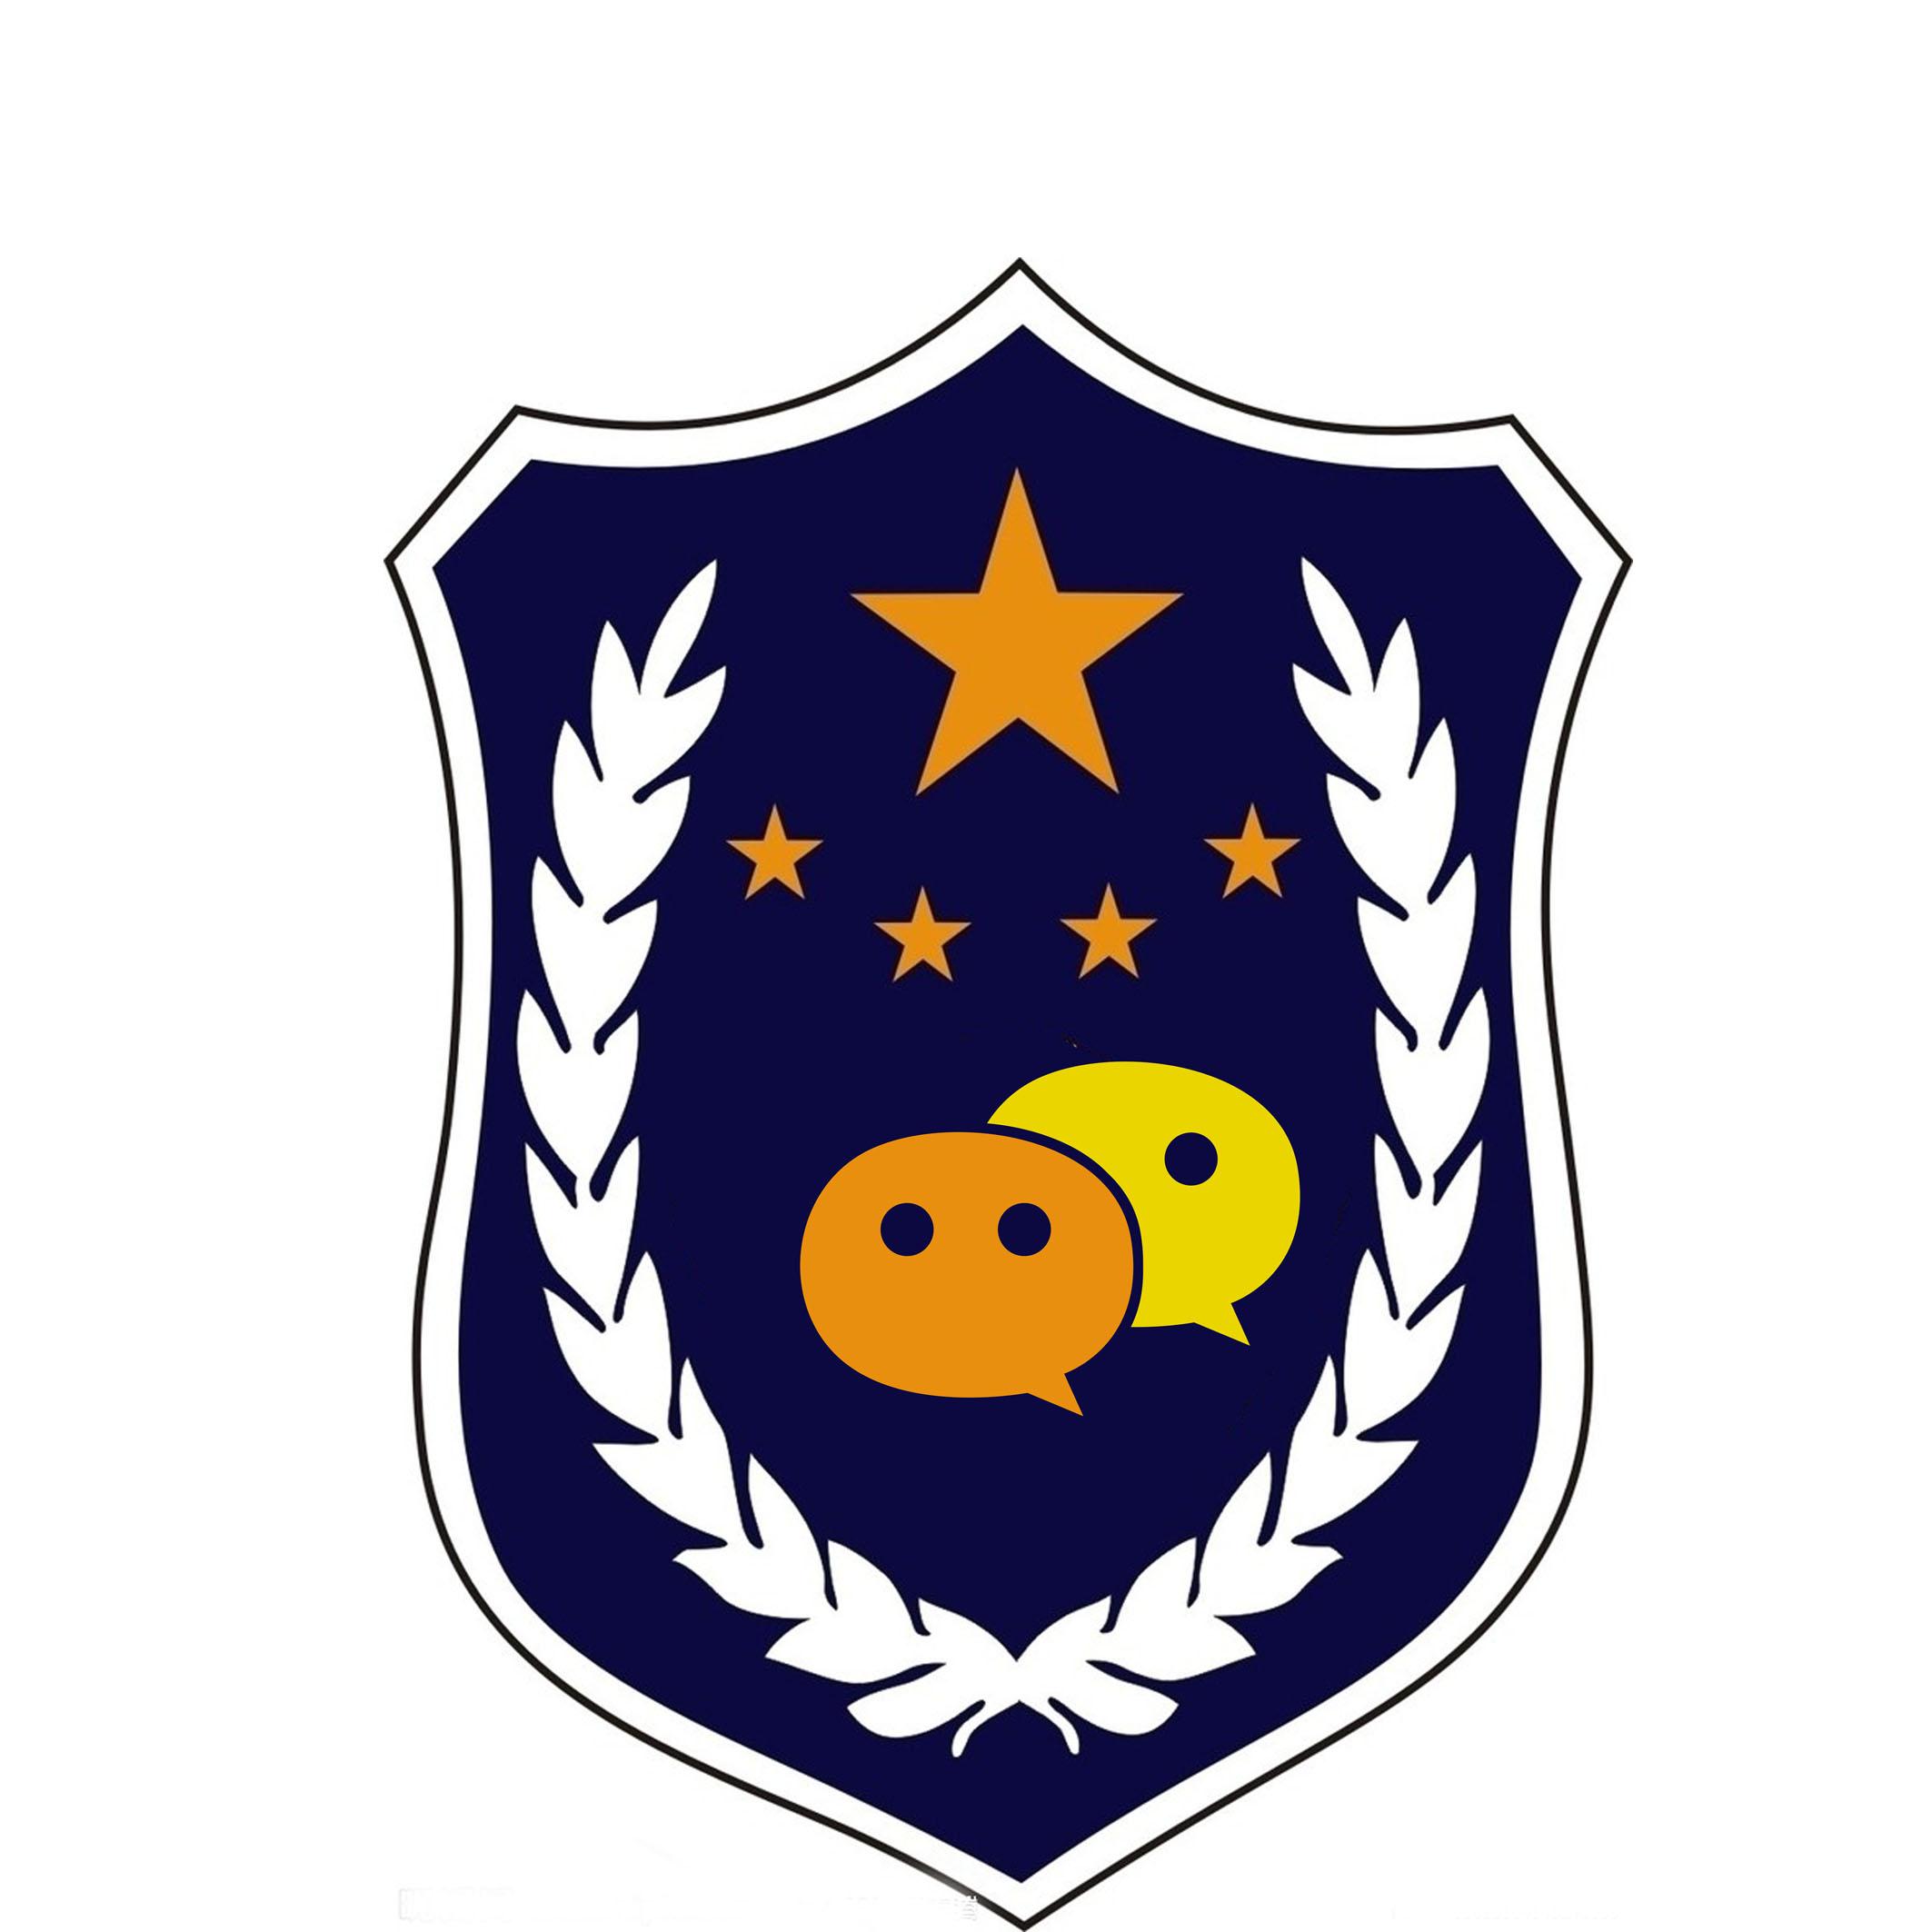 台州交警官方微信logo设计